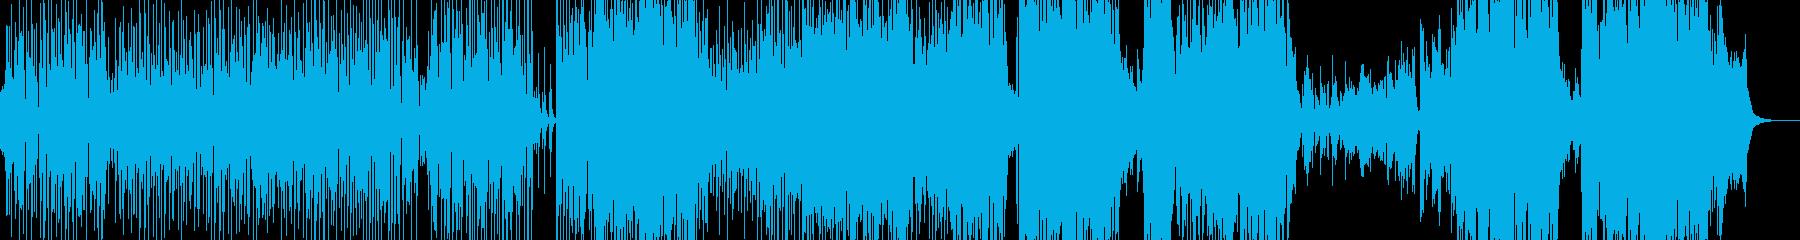 ウクレレ・南国気分のアコギポップスの再生済みの波形